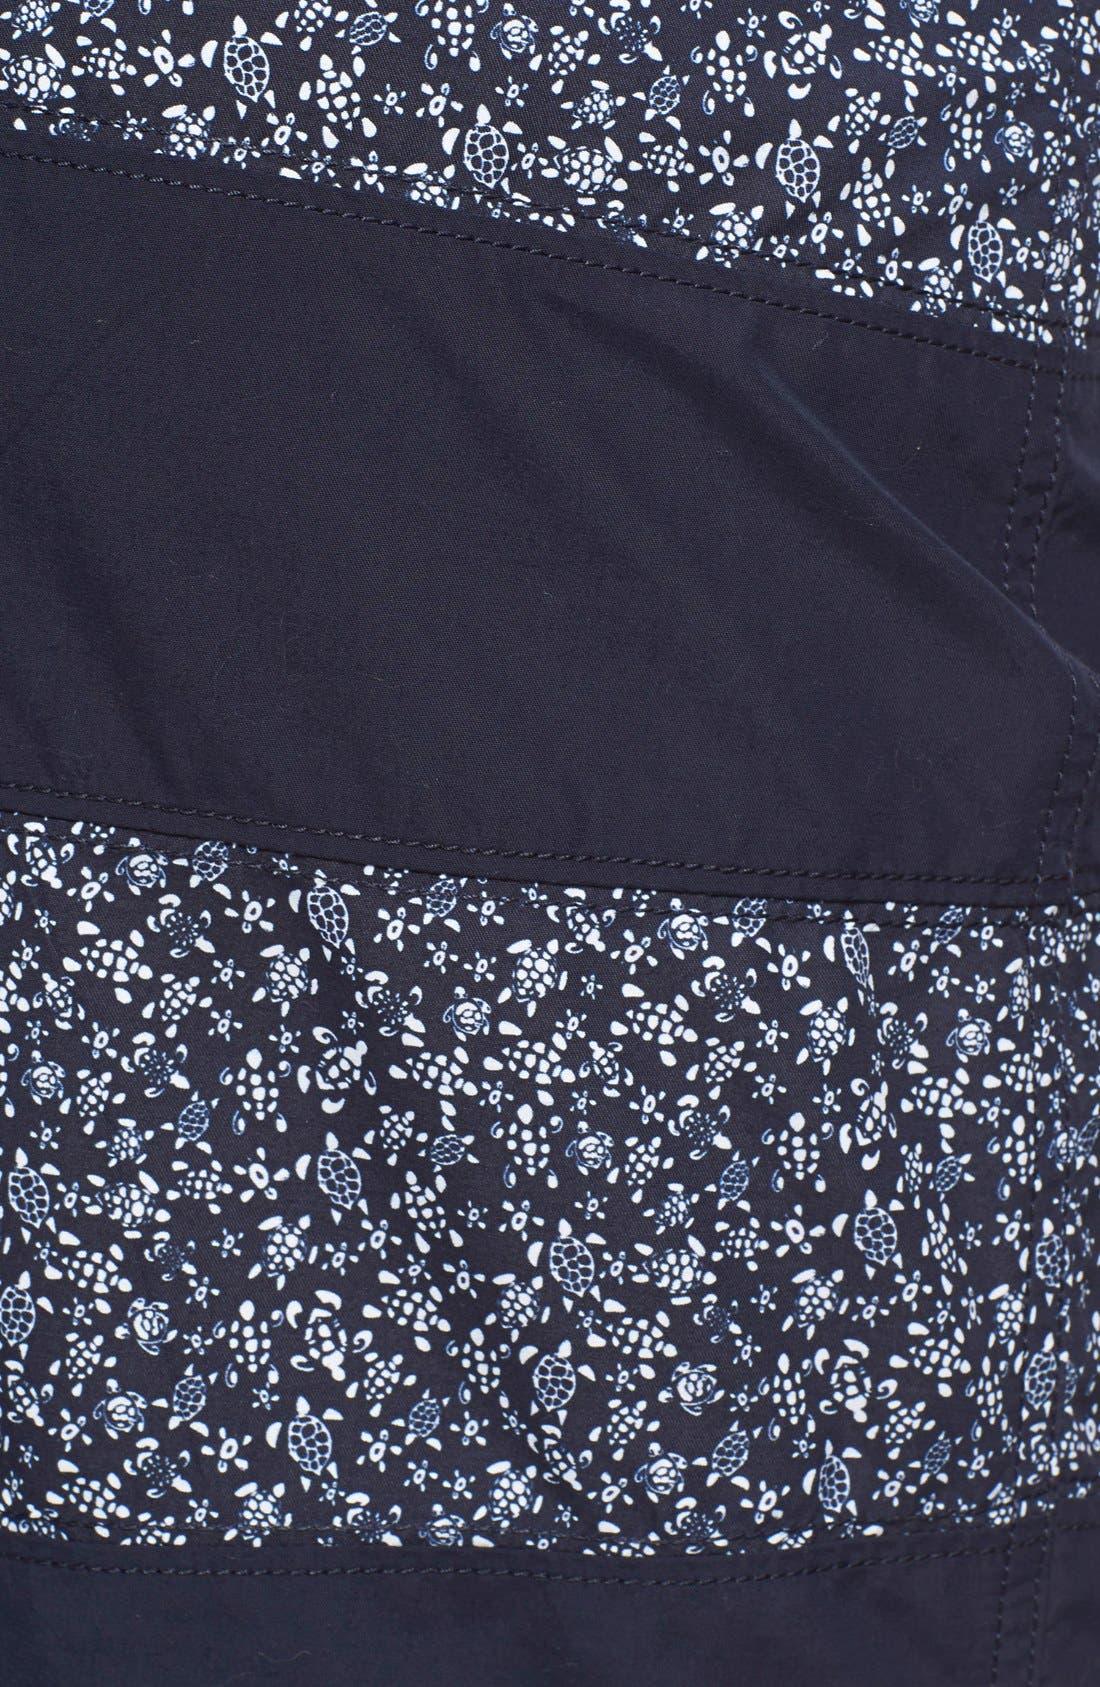 'Octant' Turtle Print Stripe Swim Trunks,                             Alternate thumbnail 5, color,                             Navy